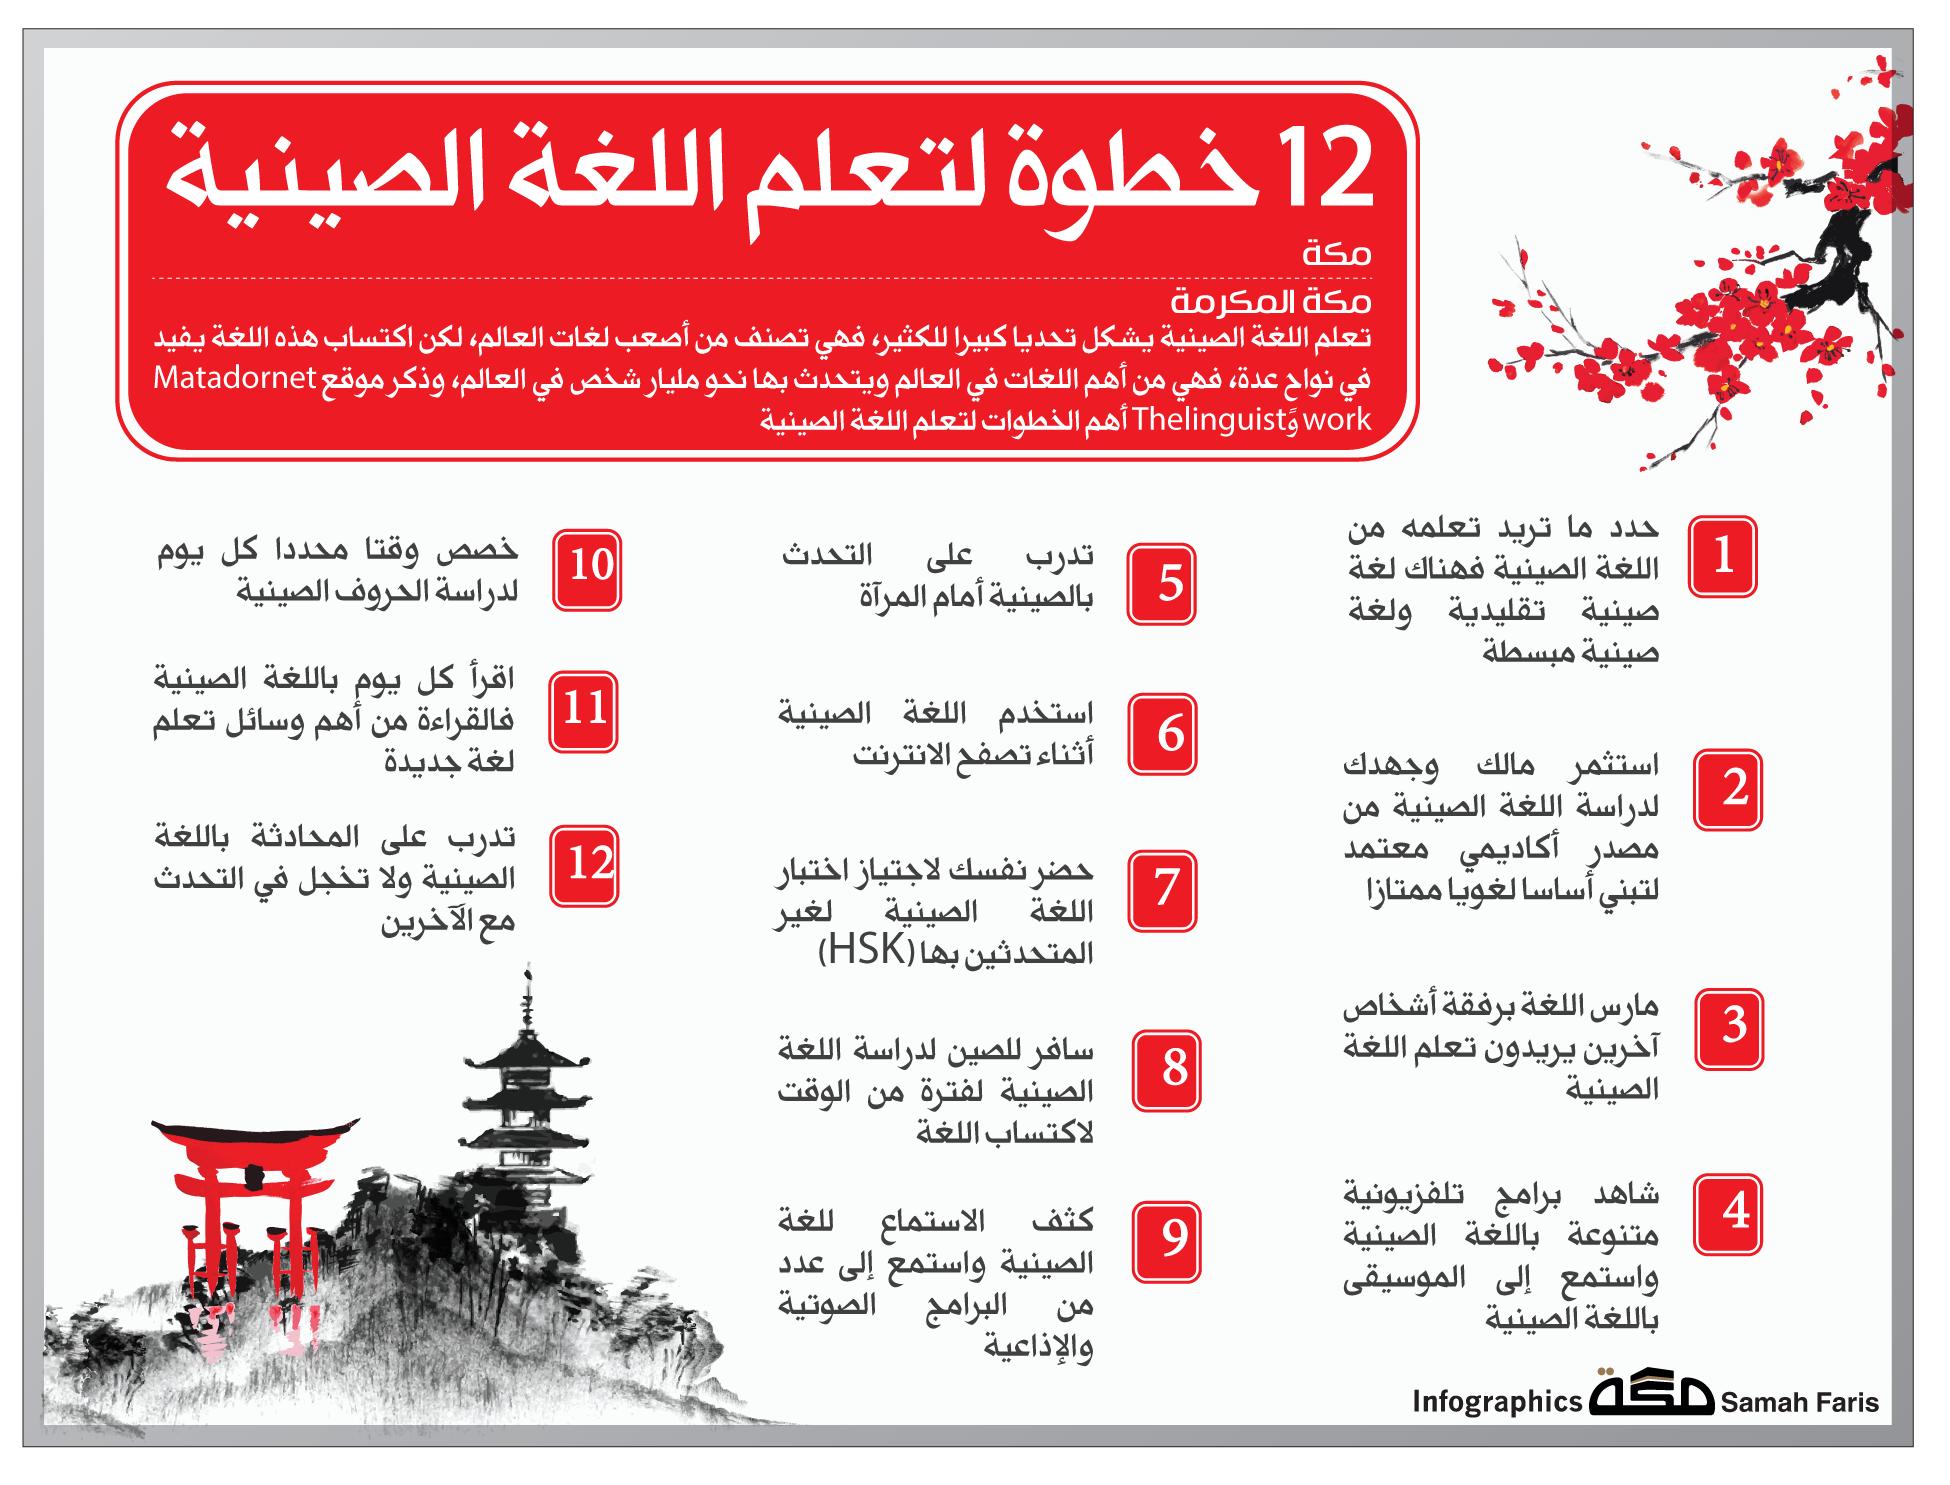 12 خطوة لتعلم اللغة الصينية اللغة الصينية انفوجرافيك صحيفة مكة Aesthetic Art Hints 10 Things